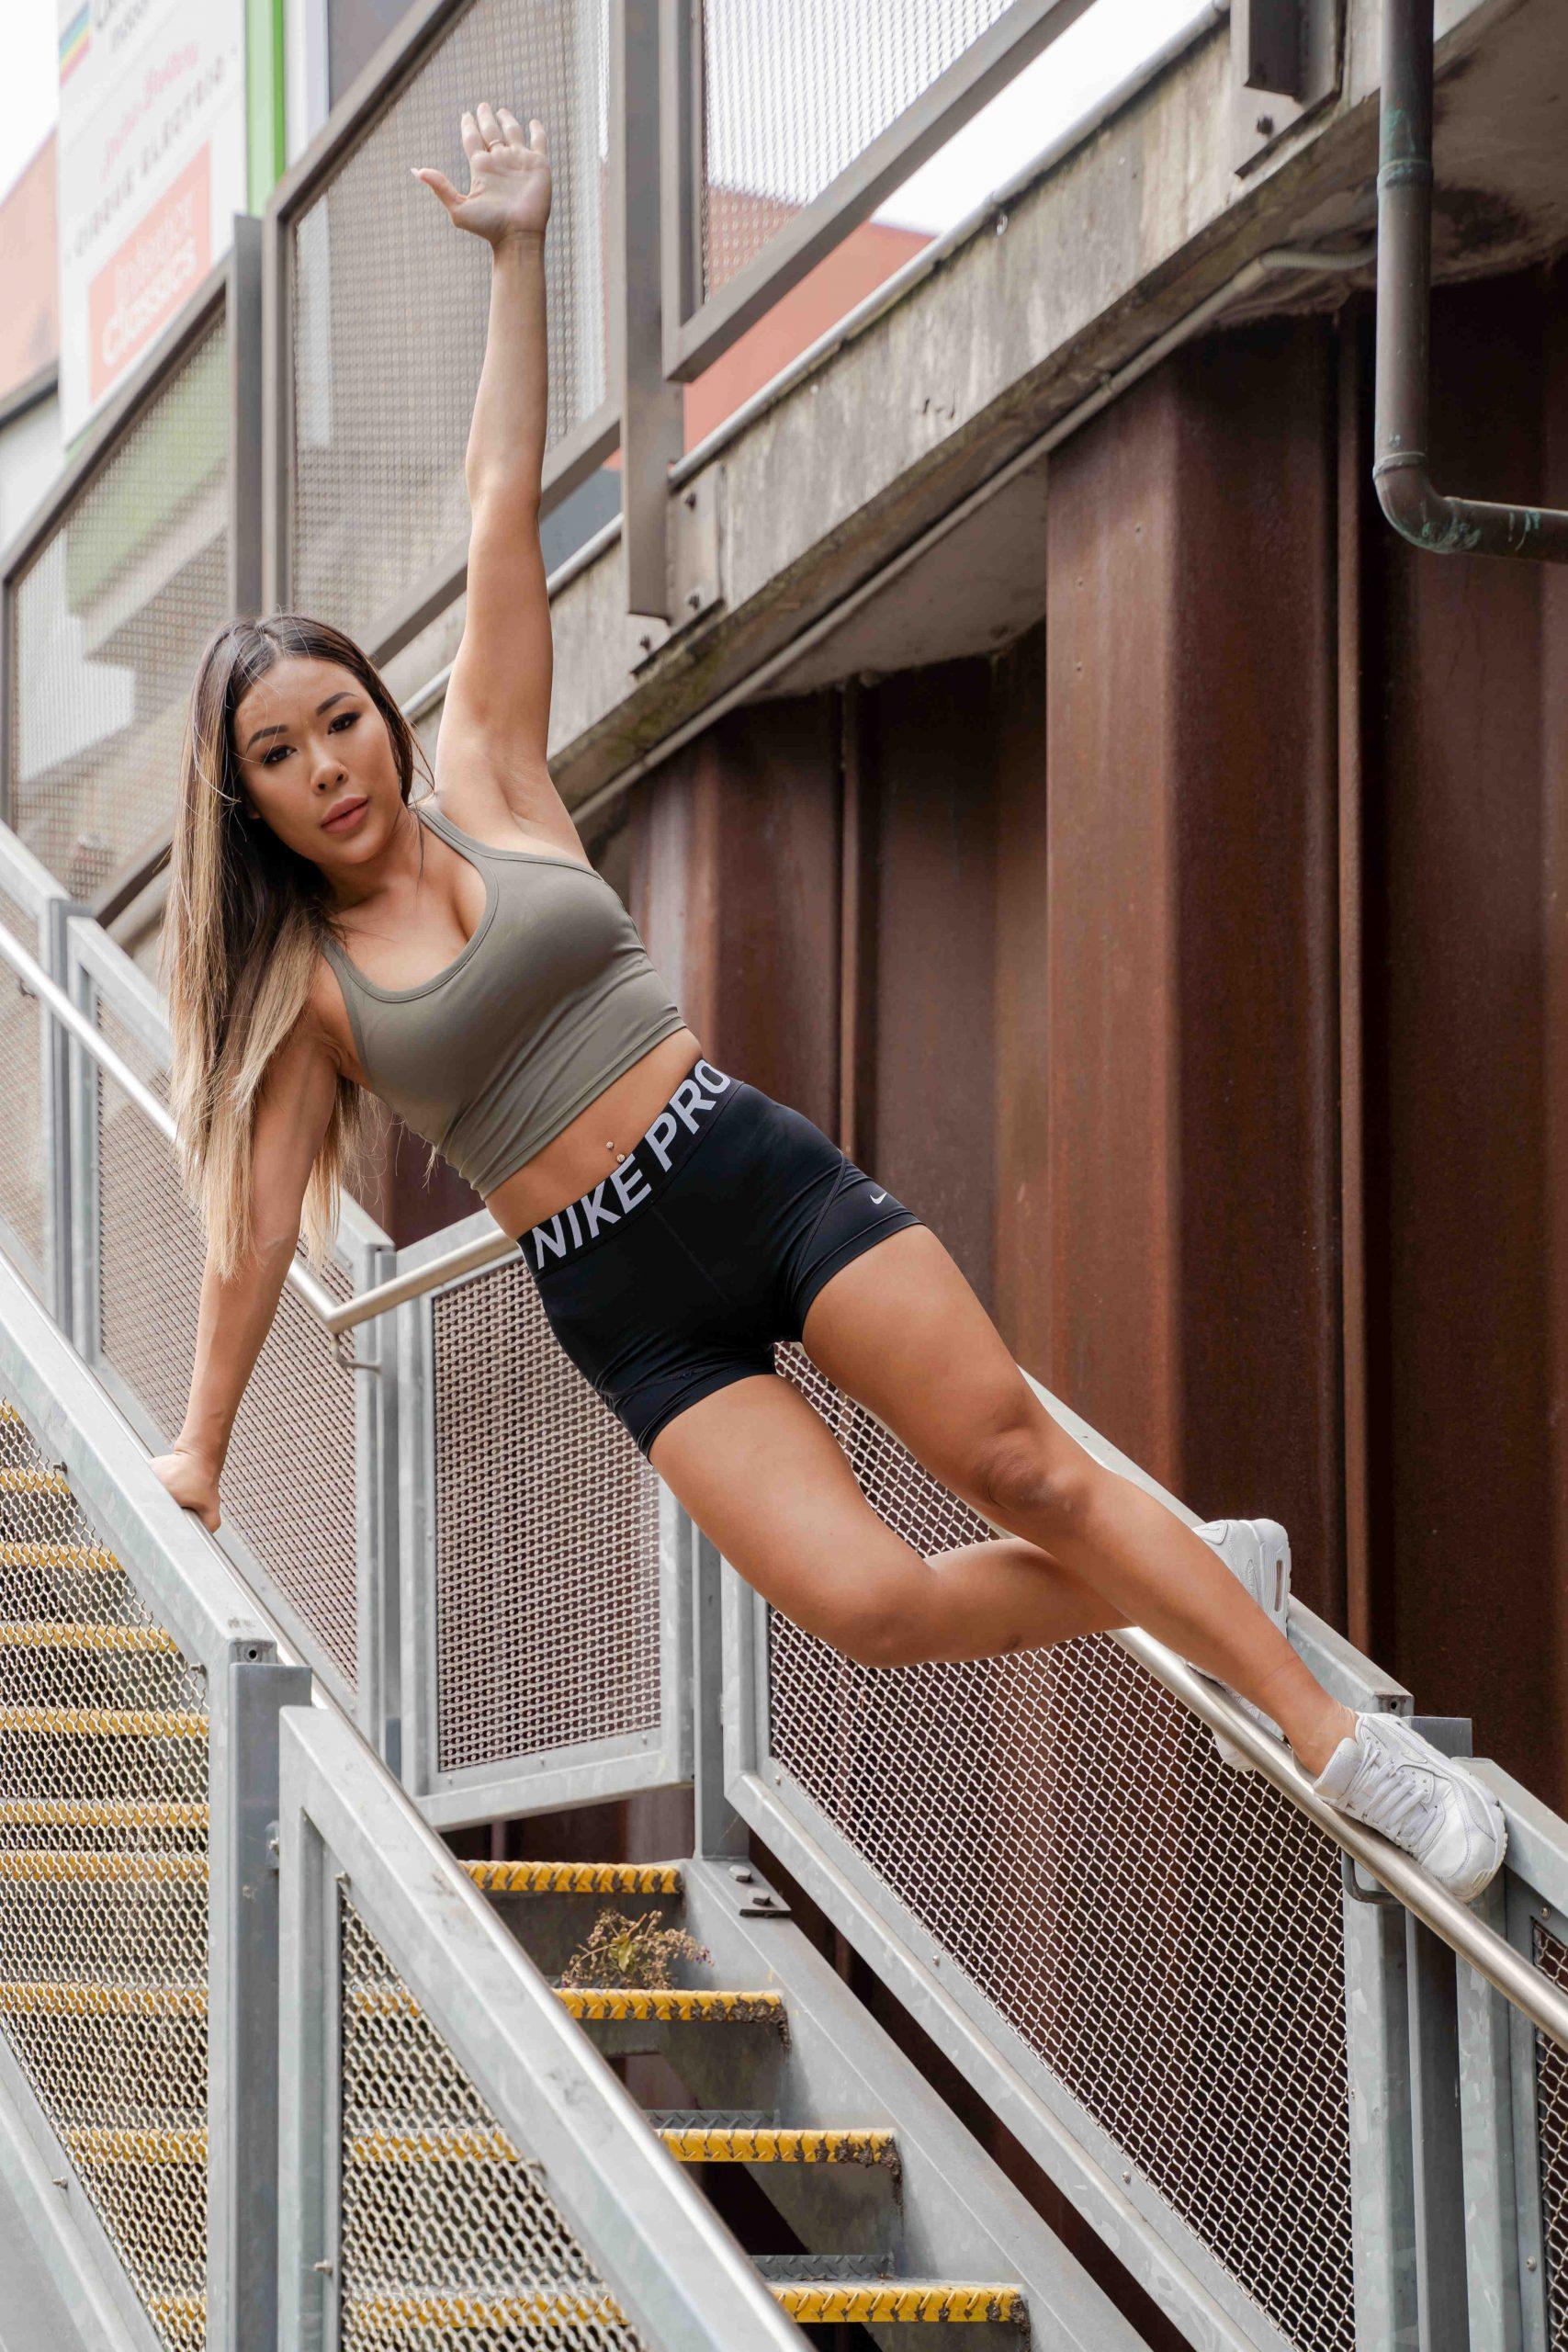 Zora Sydneys chinese fitness model AEFM Internationls latest fitness sensation scaled